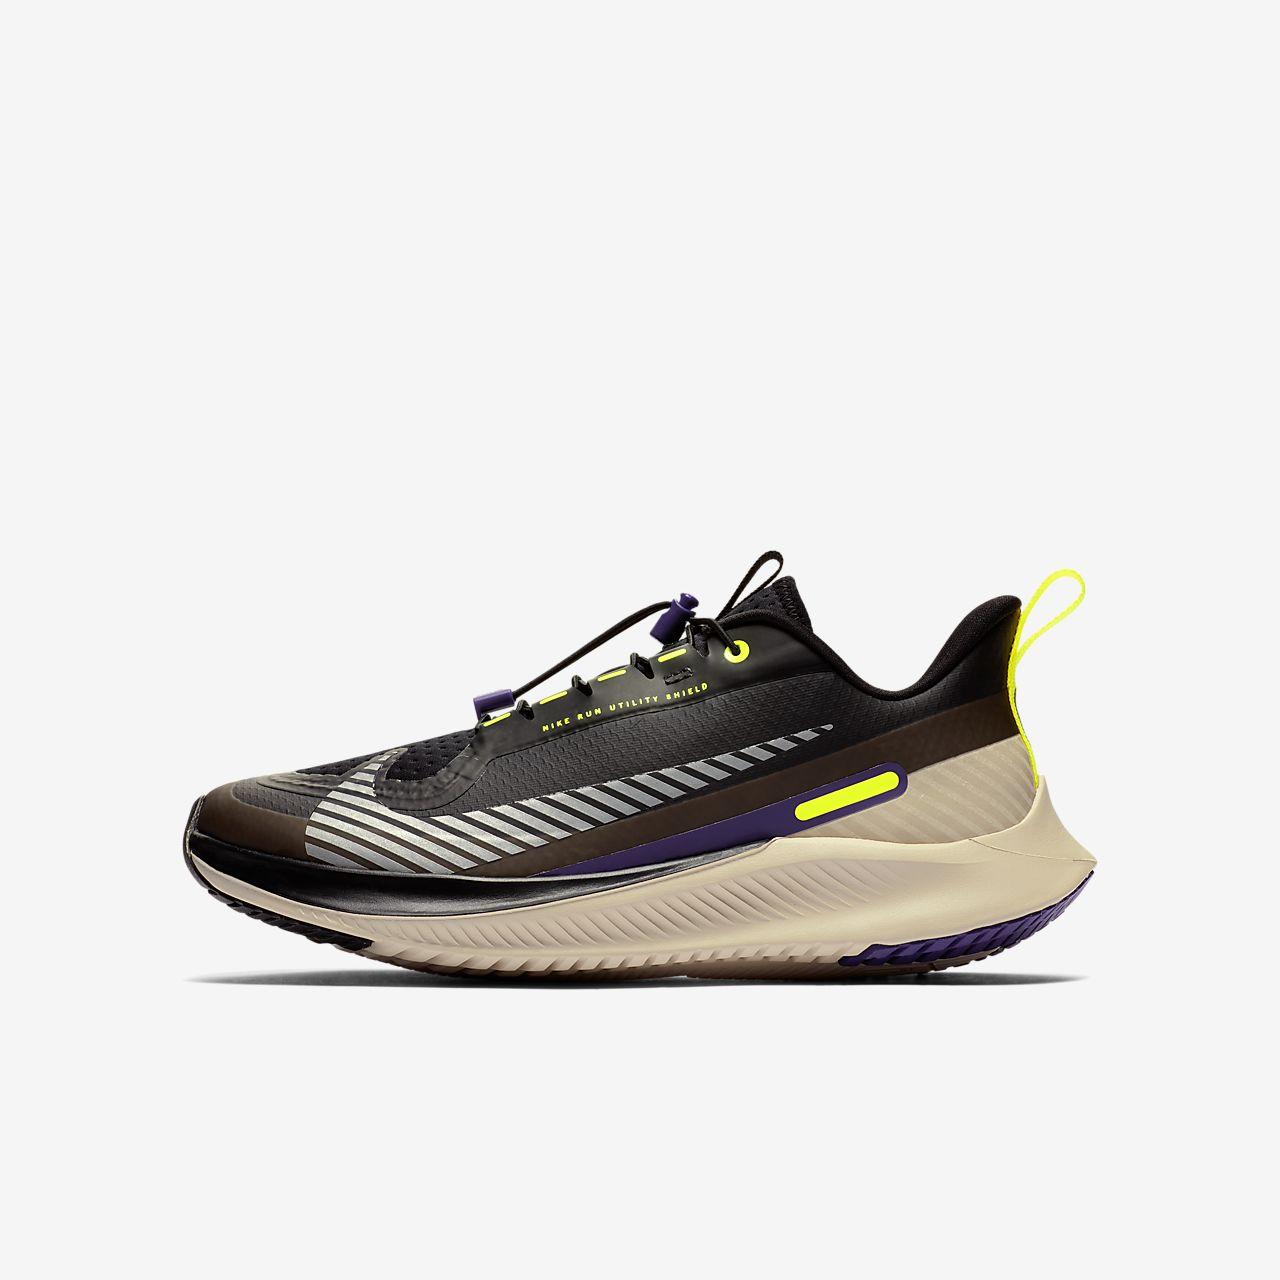 Chaussure de running Nike Future Speed 2 Shield pour Enfant plus âgé